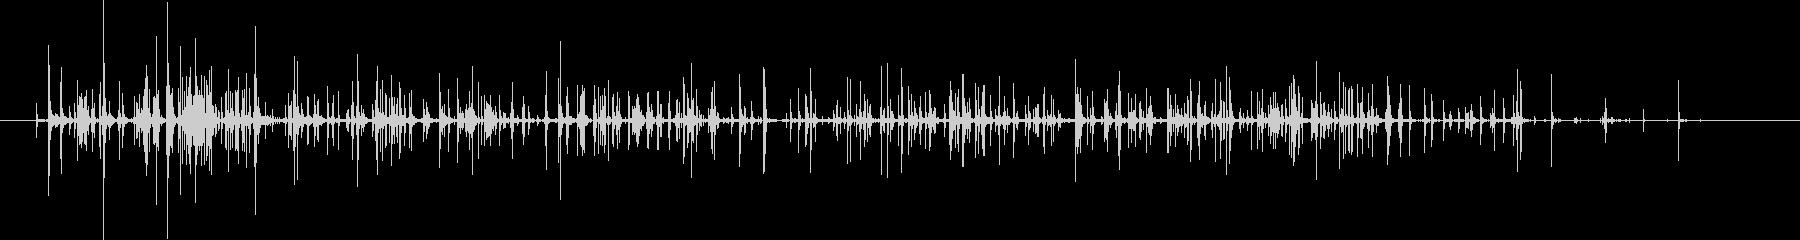 ドライドッグフードのスクープ:バッ...の未再生の波形